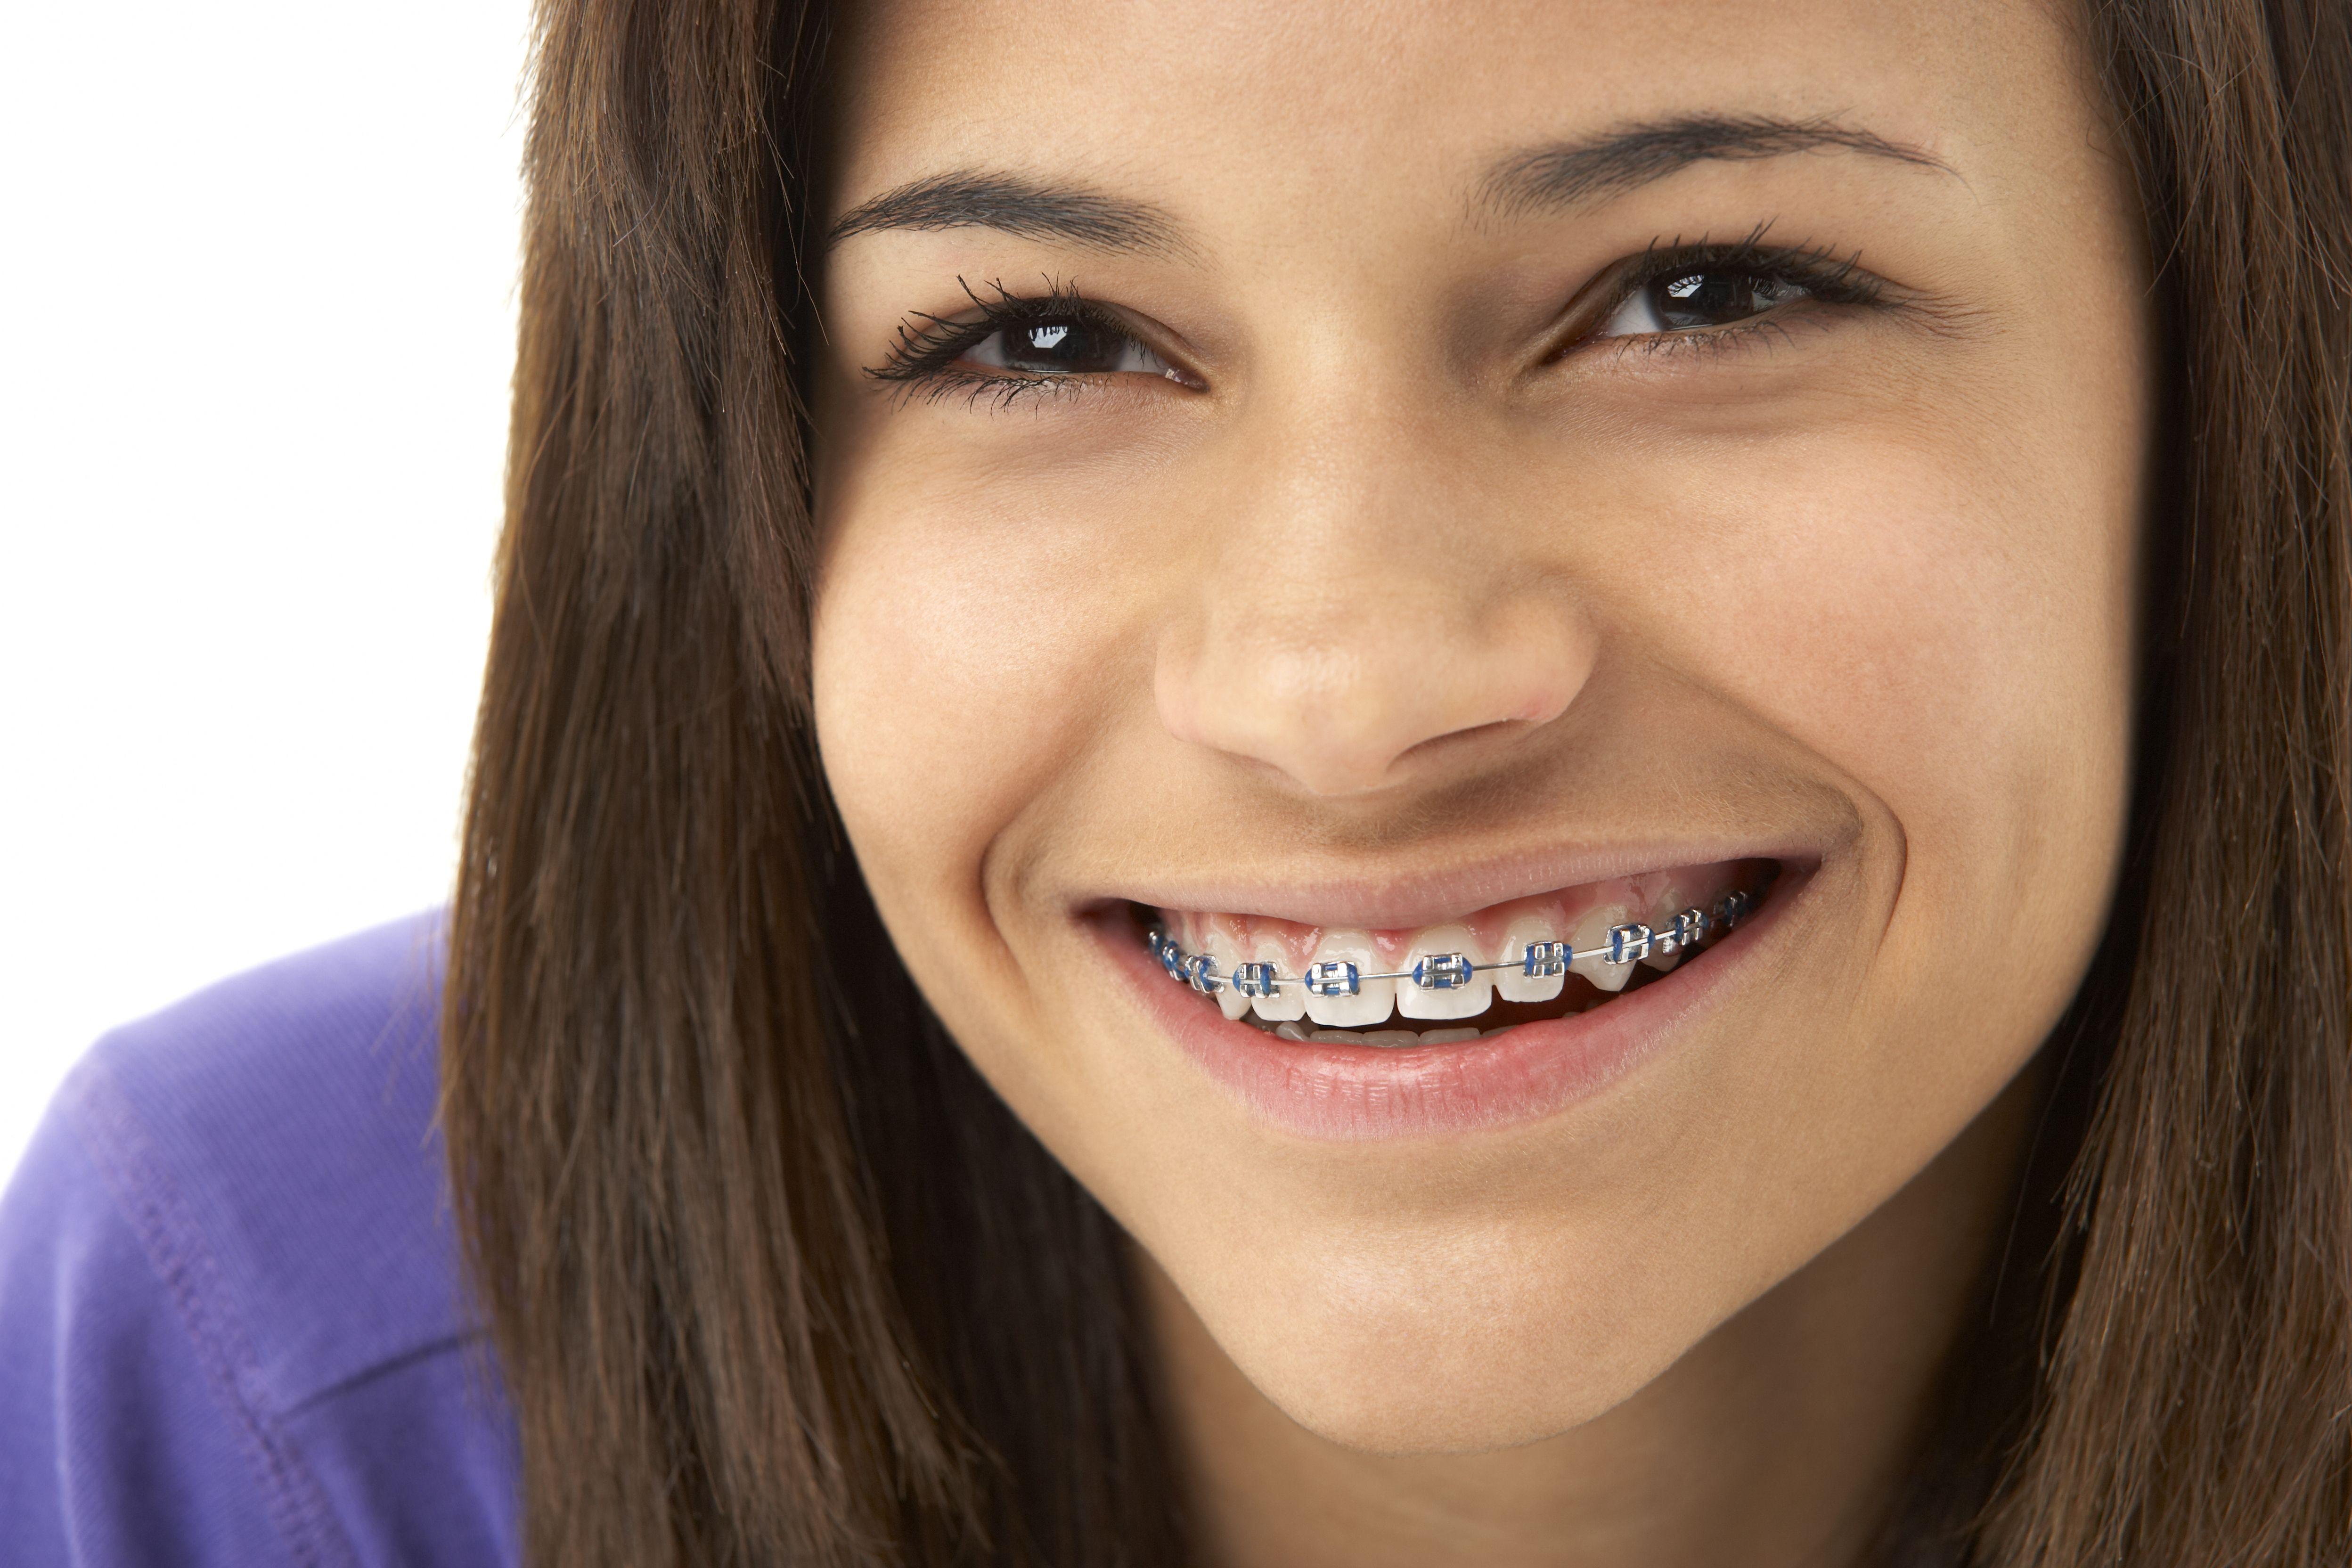 metal braces on a patient